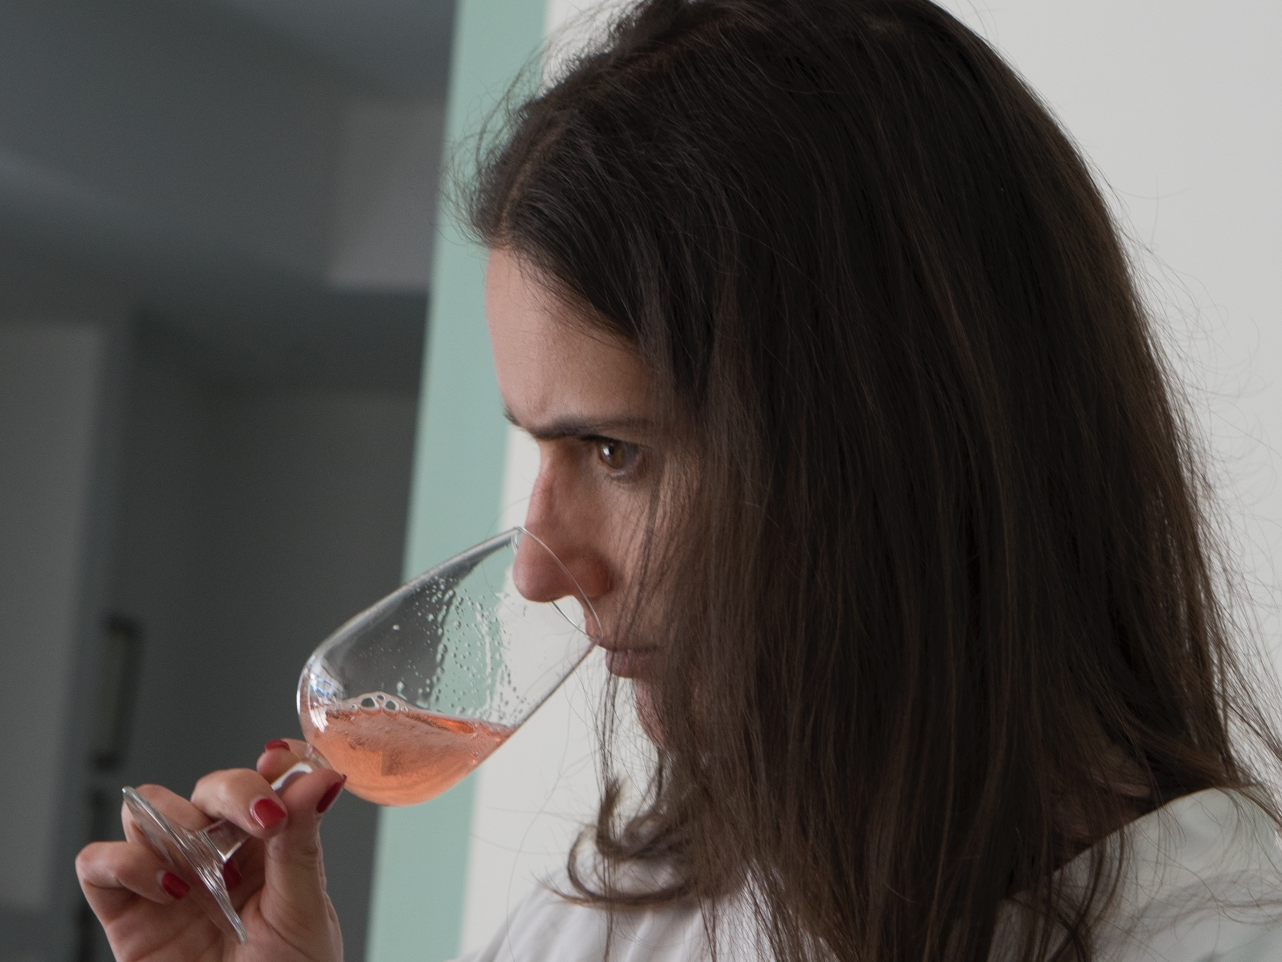 Португалия, по винодельням-1:  Vercoope